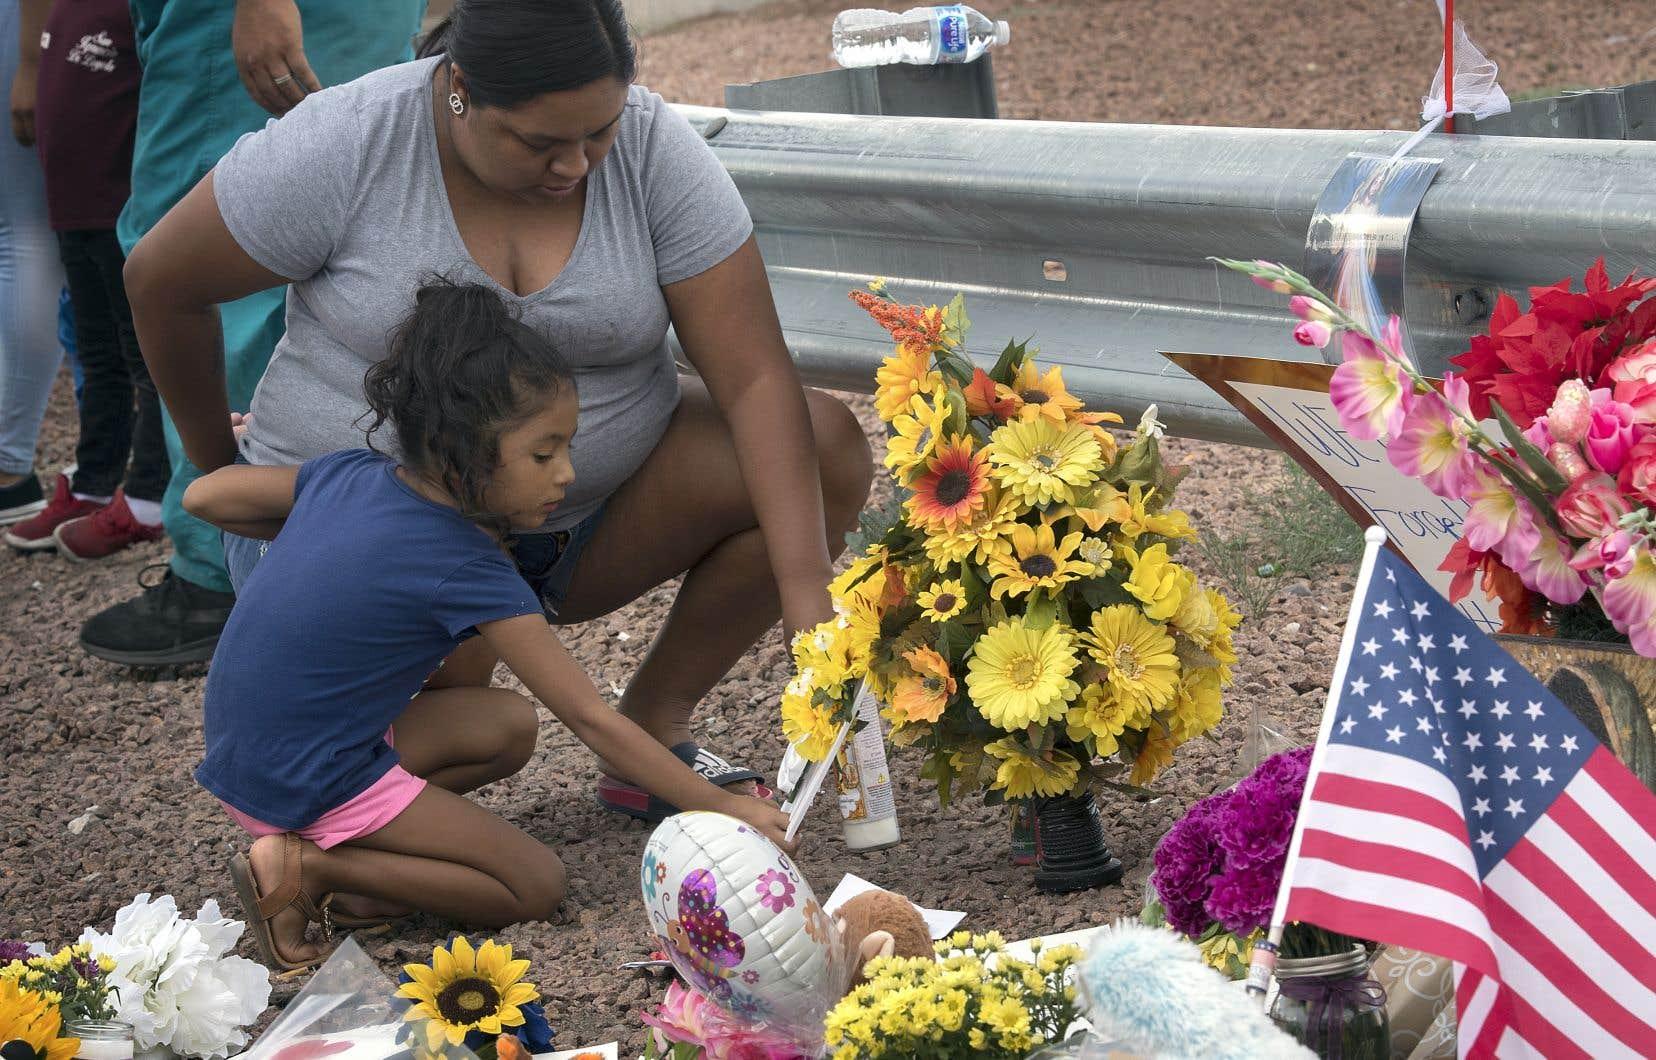 Une famille déposait des fleurs, dimanche, près du Walmart d'El Paso où a eu lieu la fusillade.